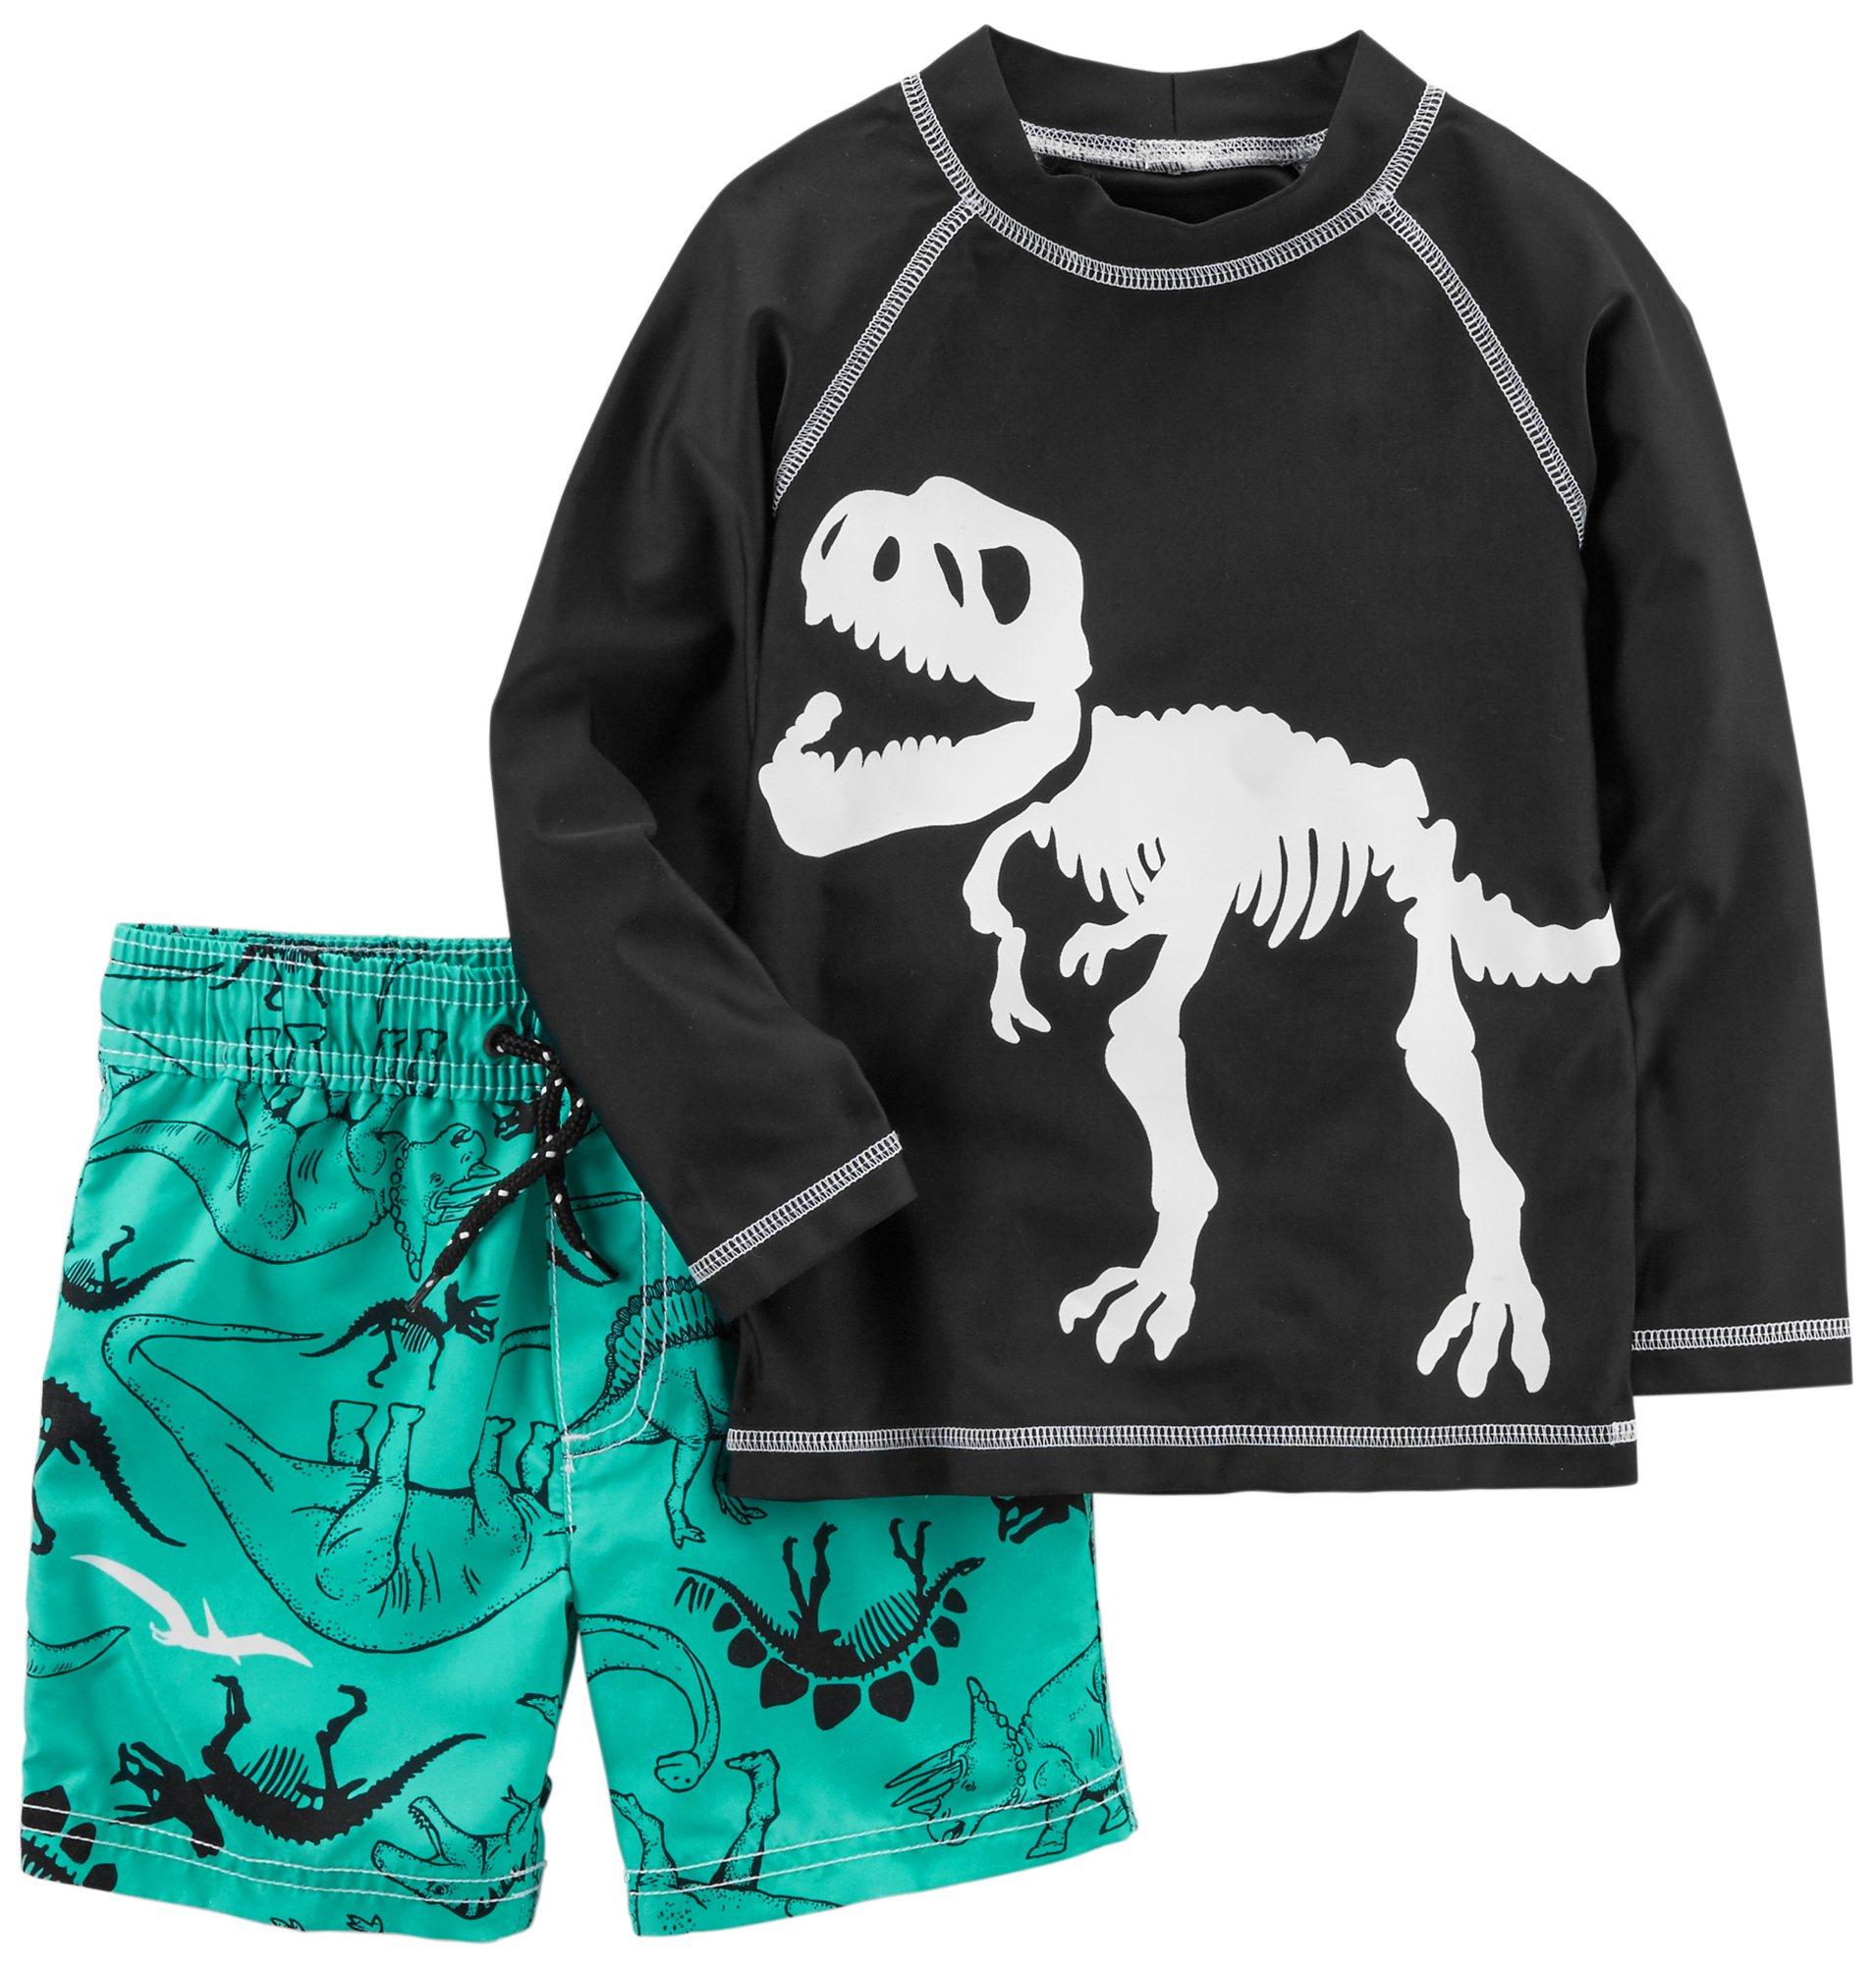 Carter's Boys' Toddler Rashguard Set, Black Dino, 2T